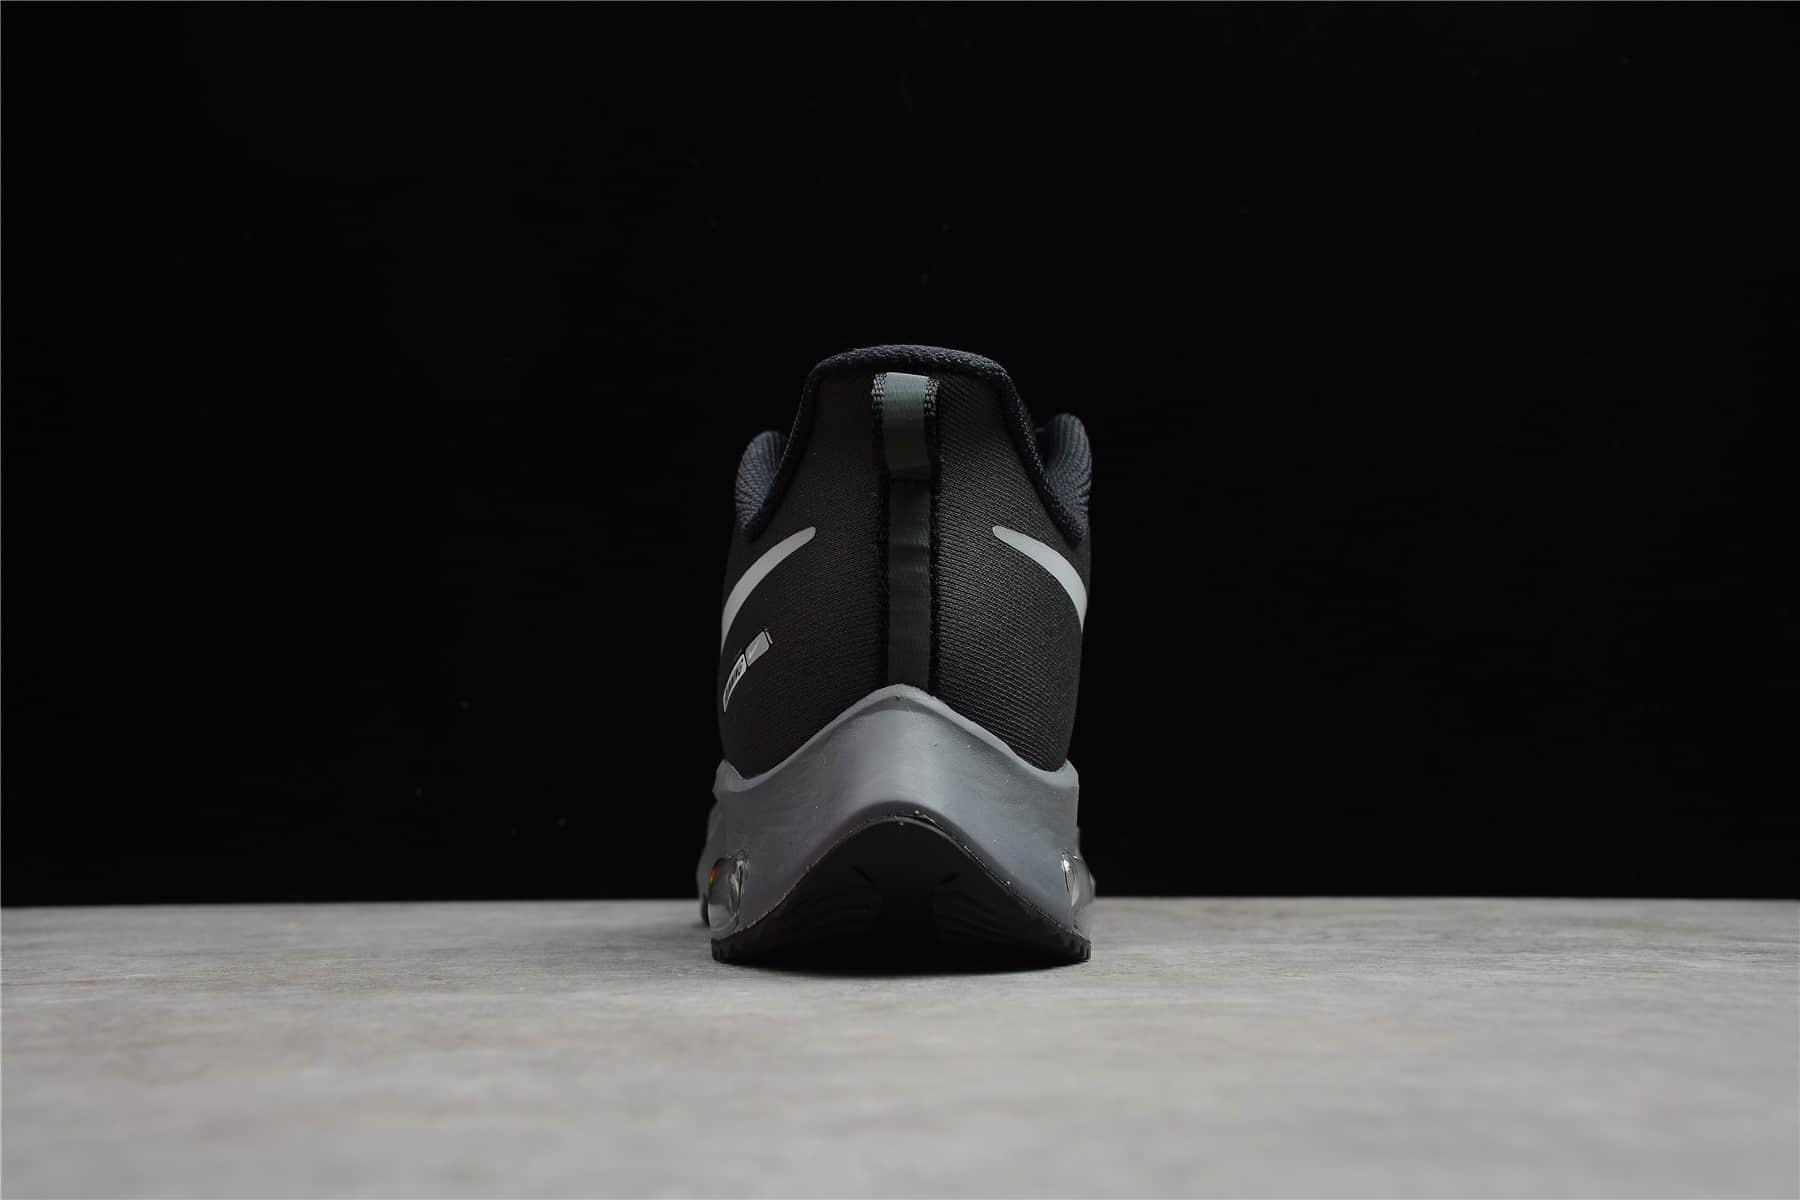 耐克登月38代黑色跑鞋 Nike Air Zoom Structure 38X 公司级耐克登月透气跑鞋 耐克登月新款 货号:DJ3128-002-潮流者之家